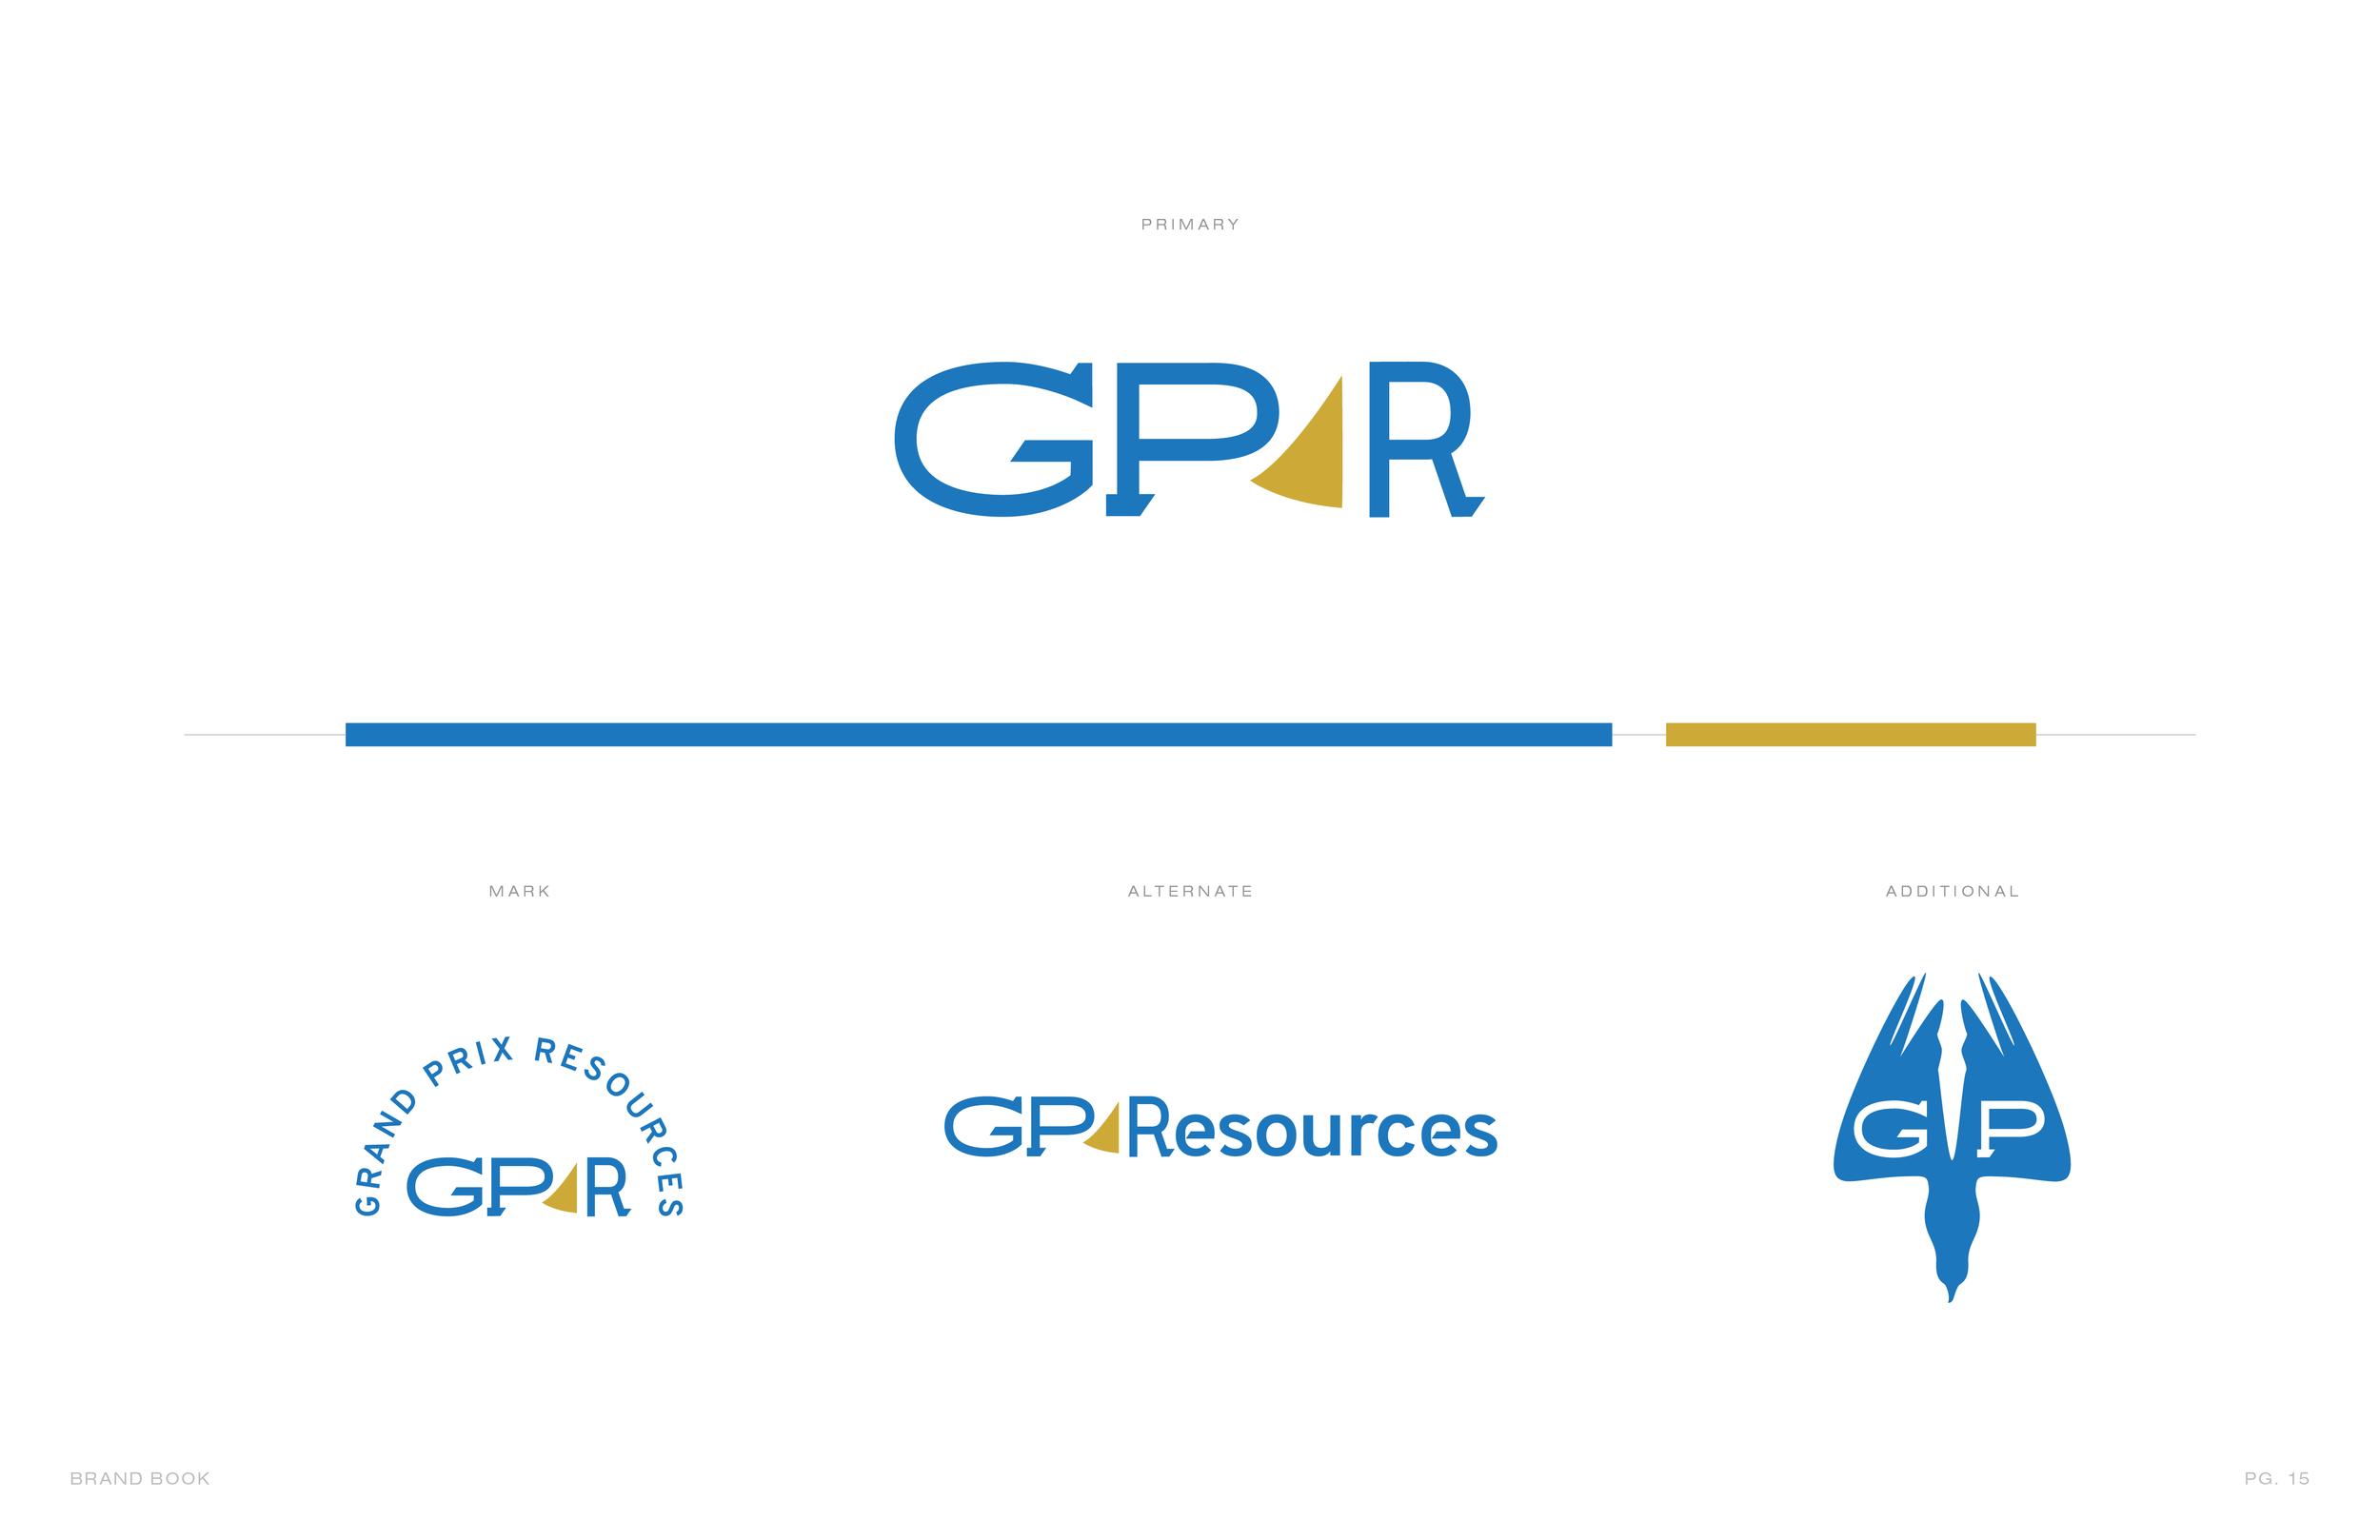 GPR_BrandBook_v415.png